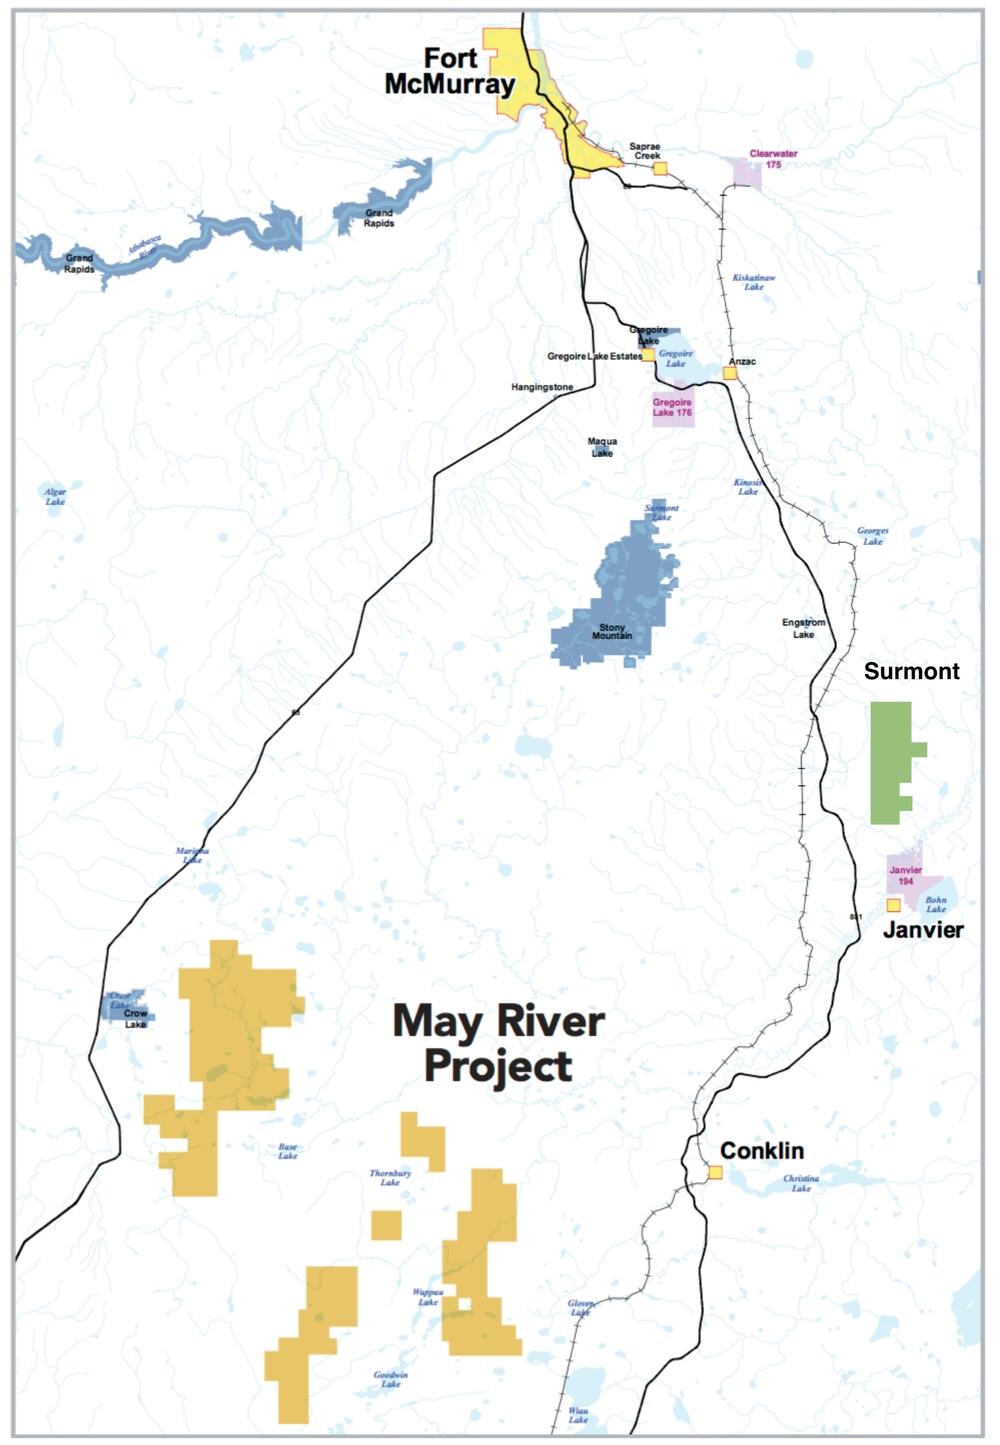 meg-energy-oilsands-SAGD-projects.png